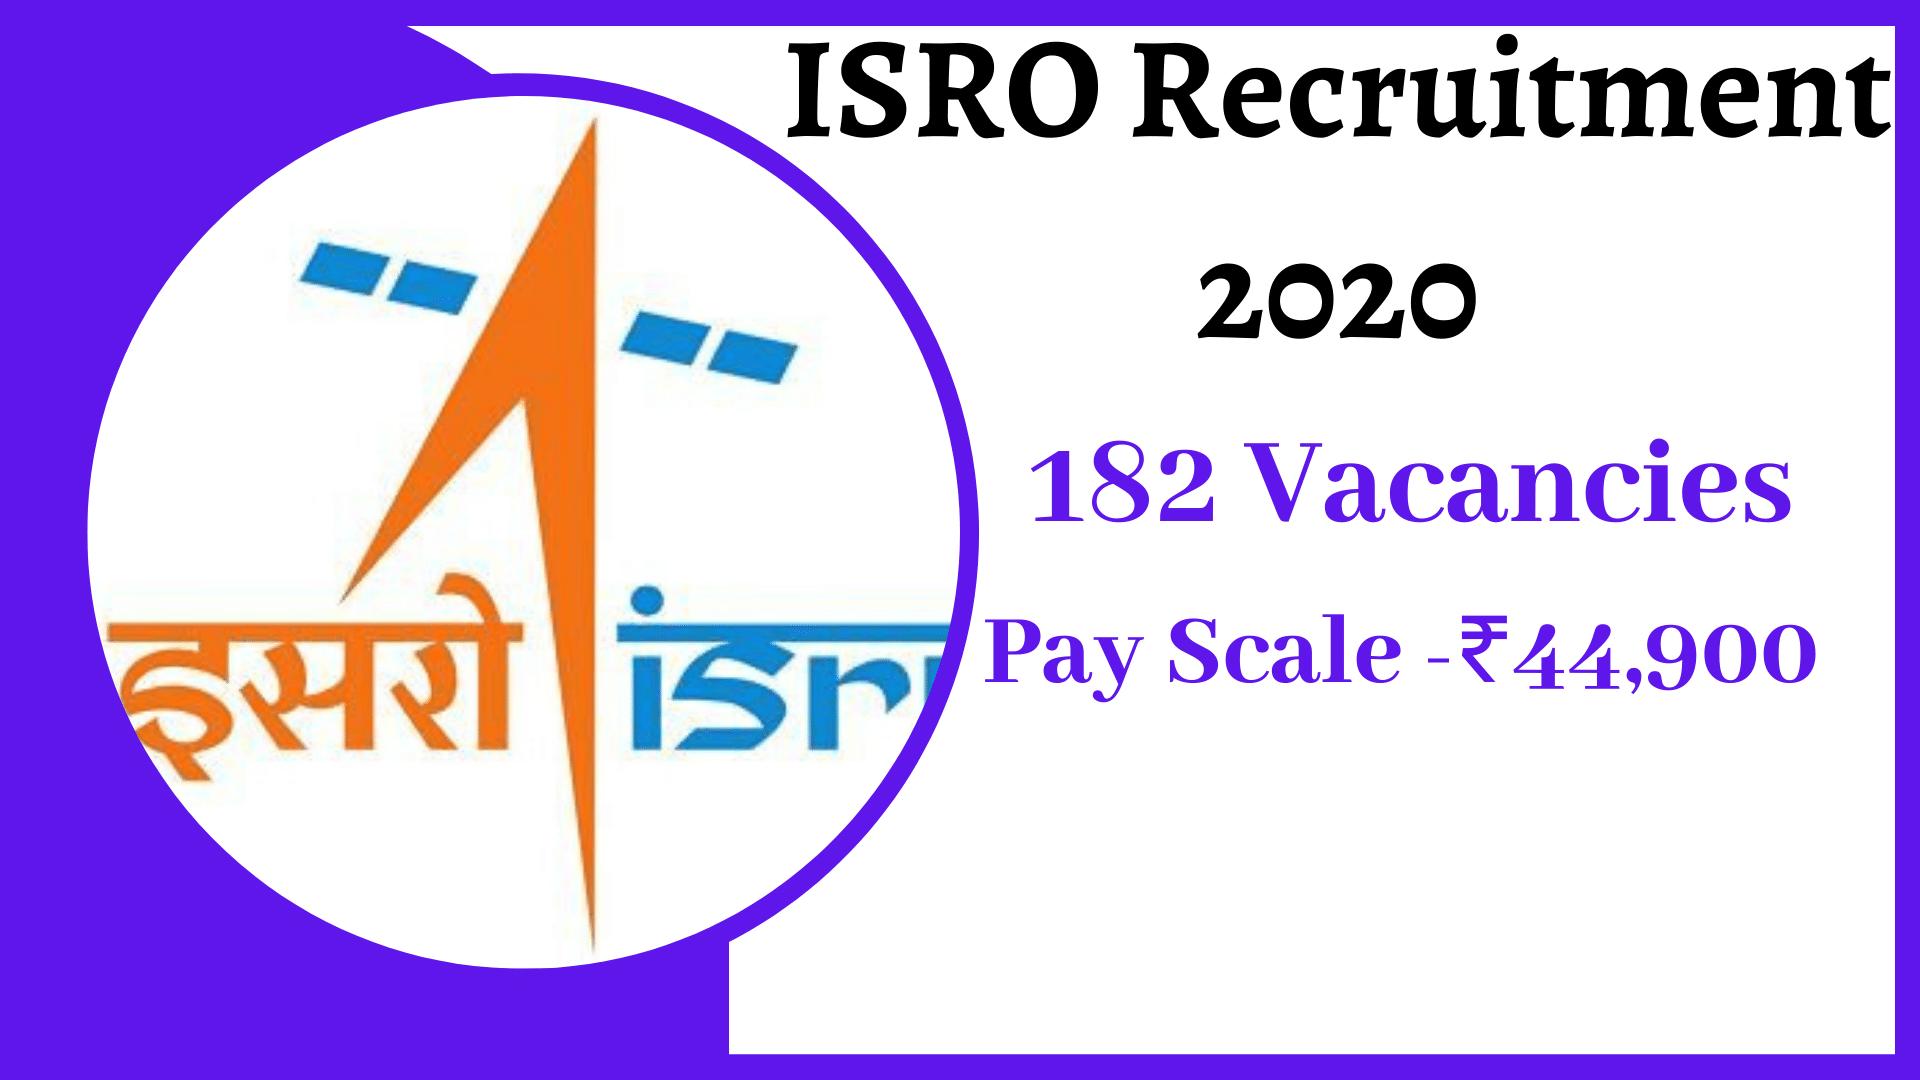 ISRO Recruitment 2020 – Apply Online for 182 Vacancies